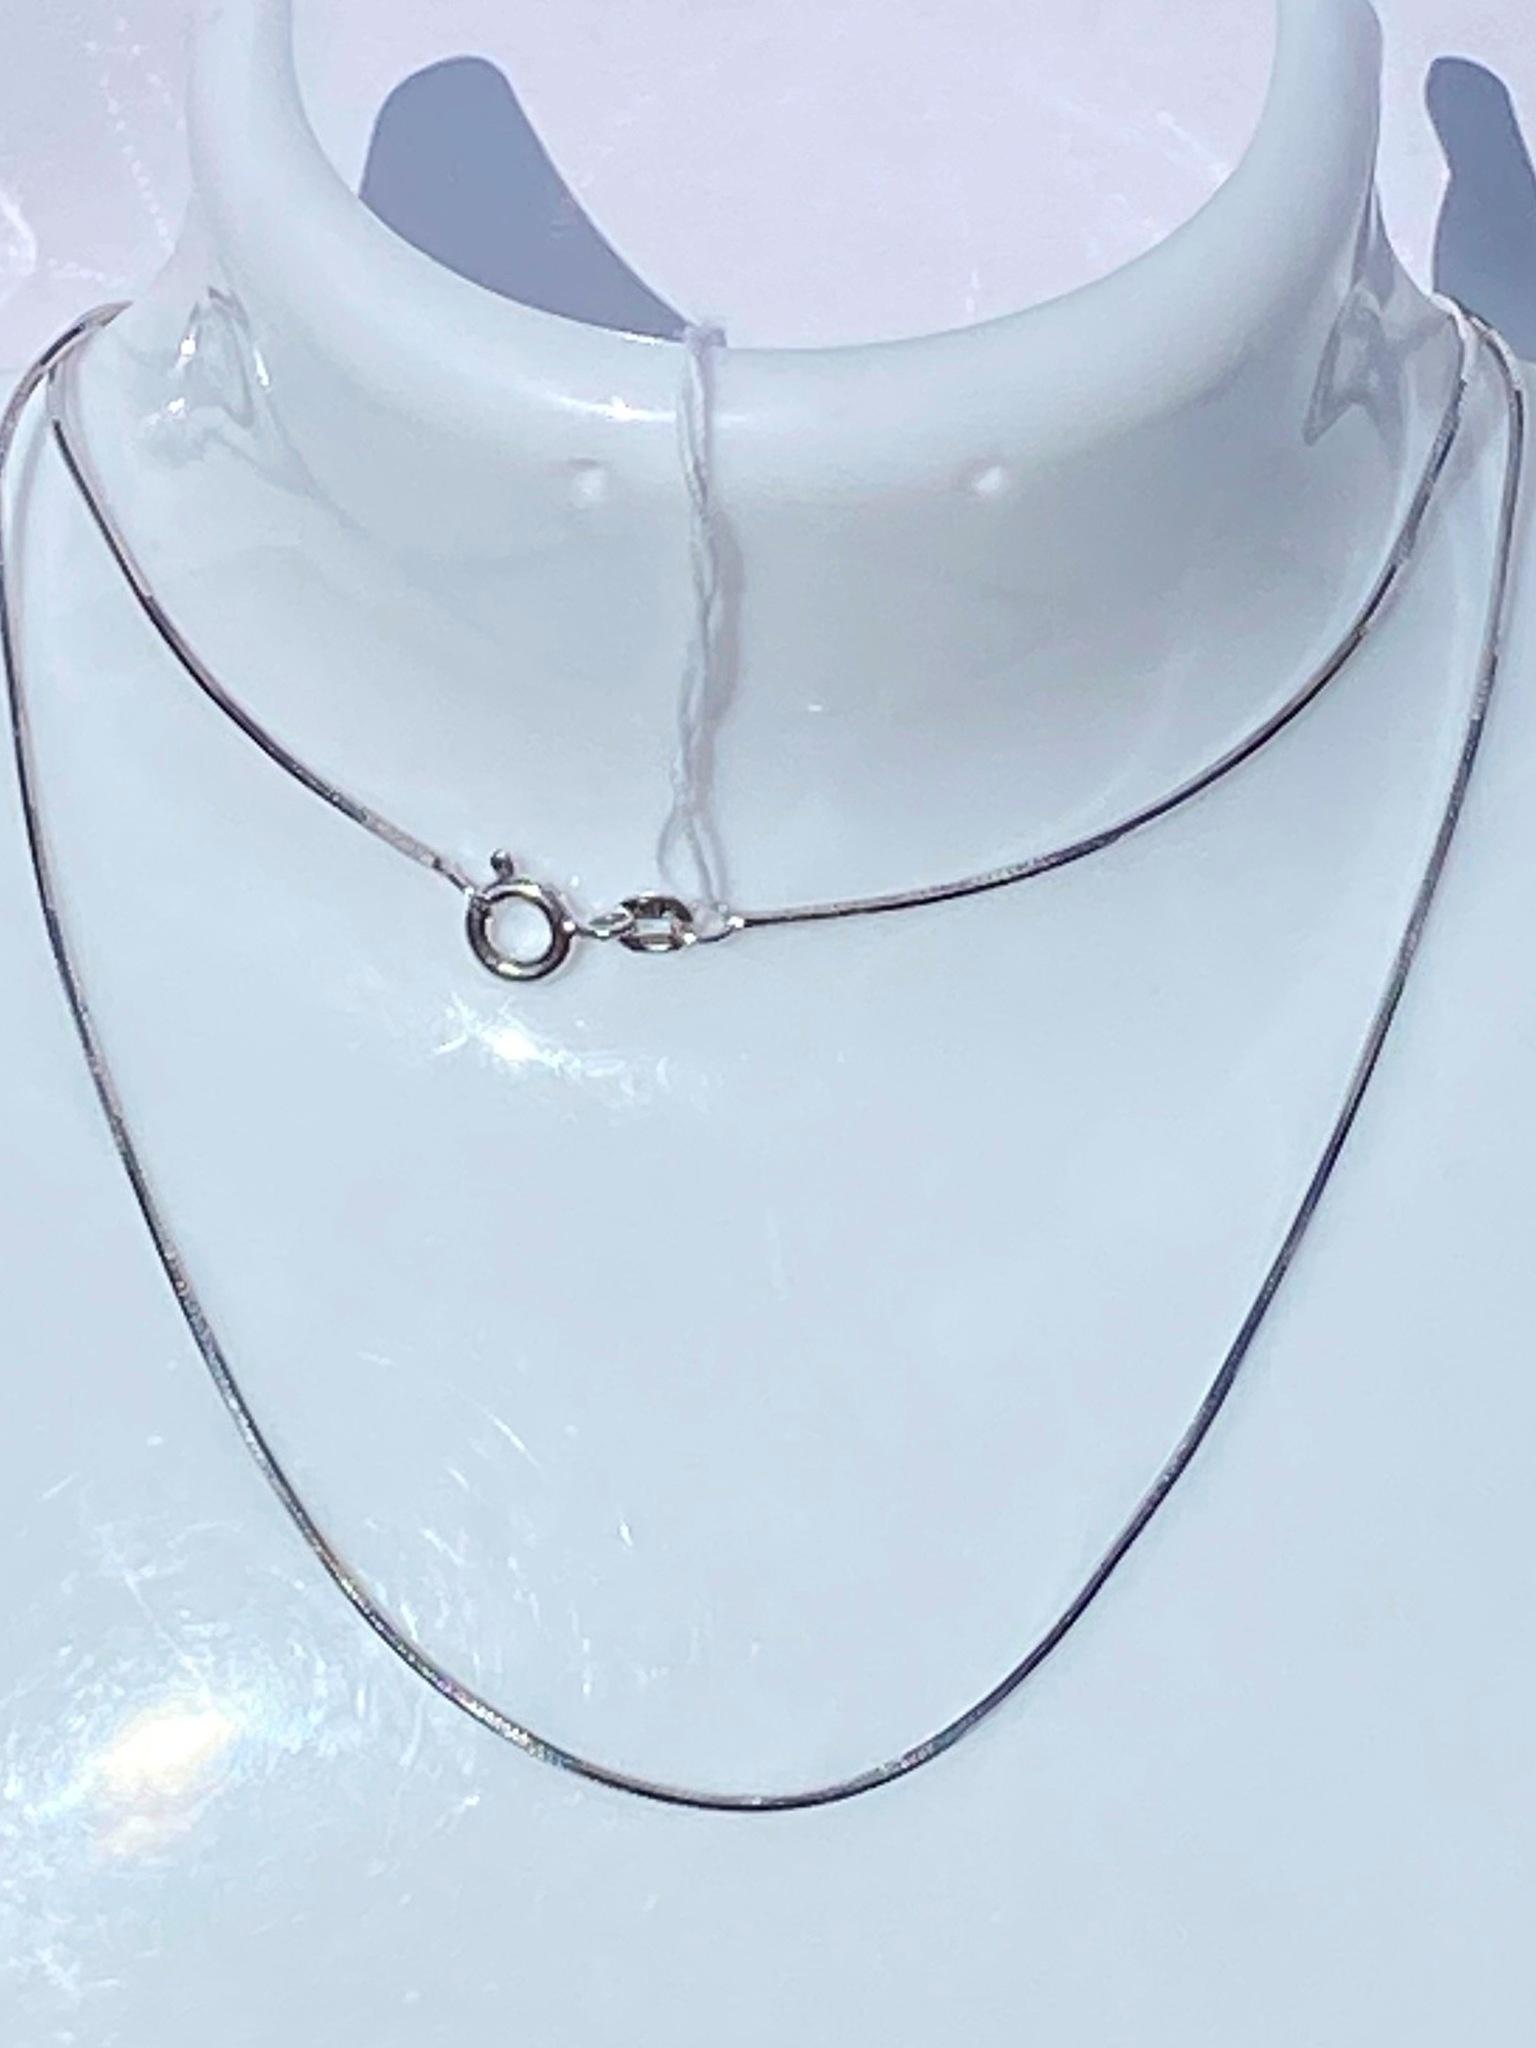 Снейк восьмигранный (цепочка из серебра)